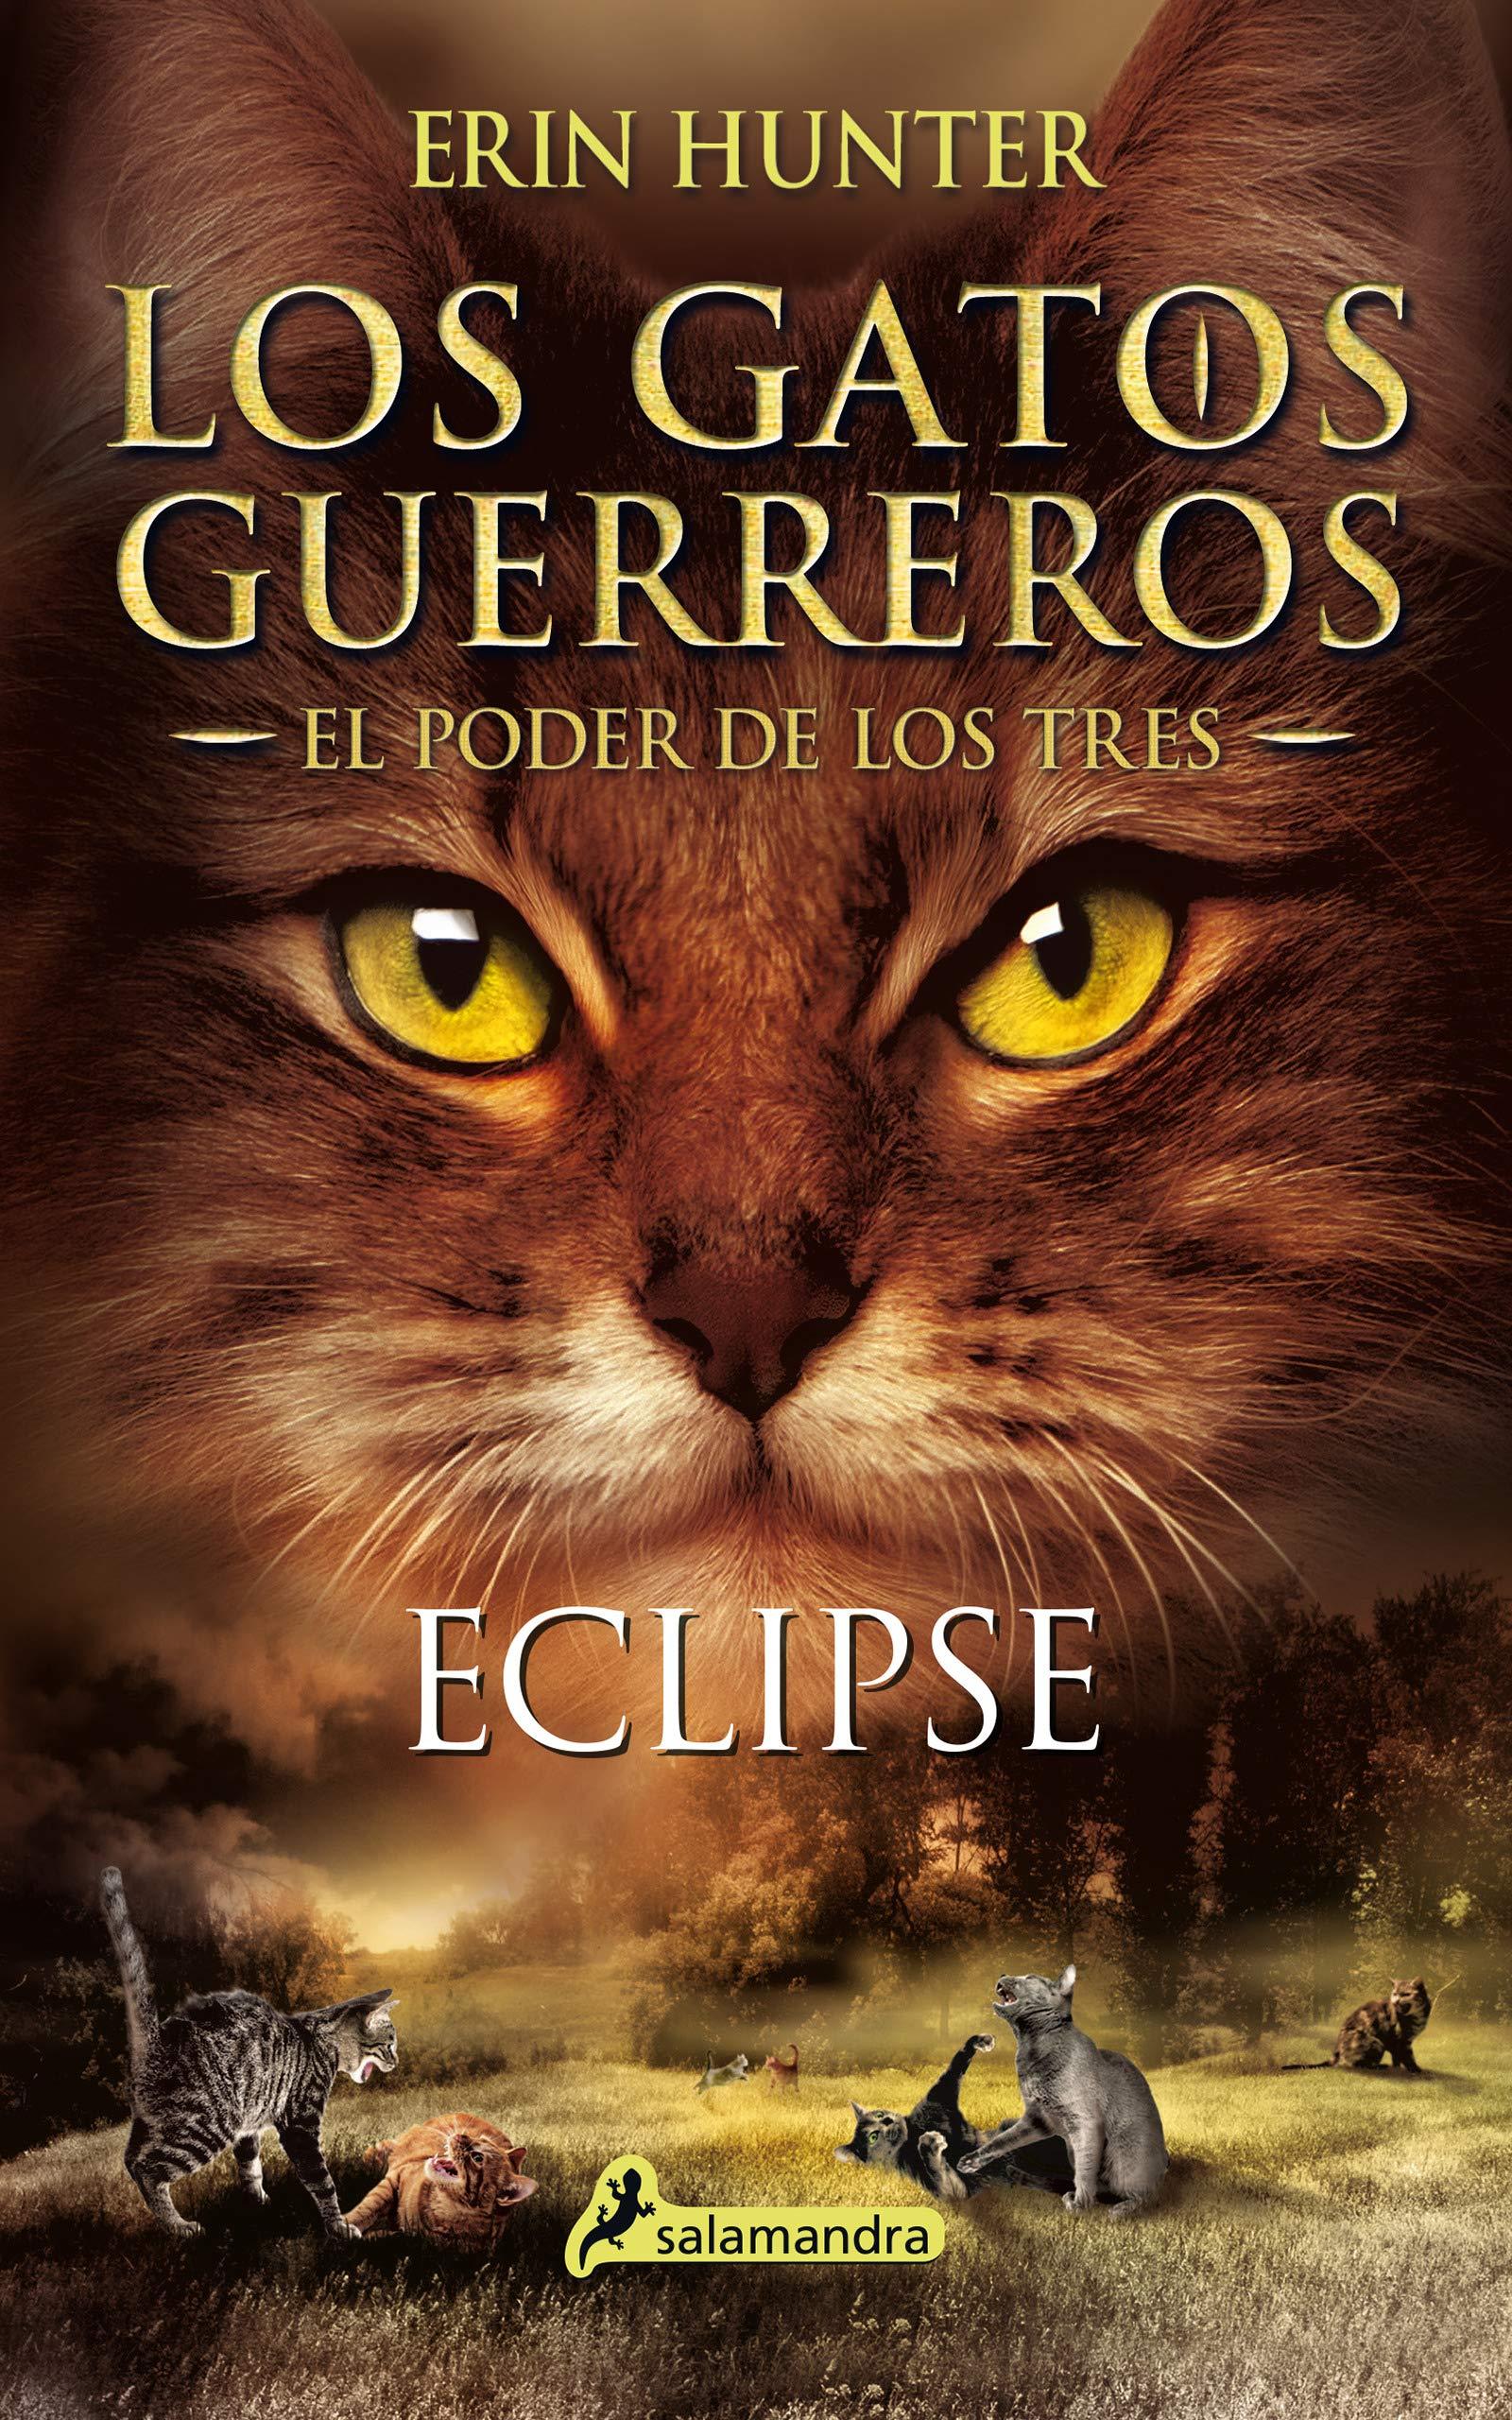 Eclipse Gatos Guerreros 4 : Los gatos guerreros - El poder de los tres IV Juvenil: Amazon.es: Hunter, Erin: Libros